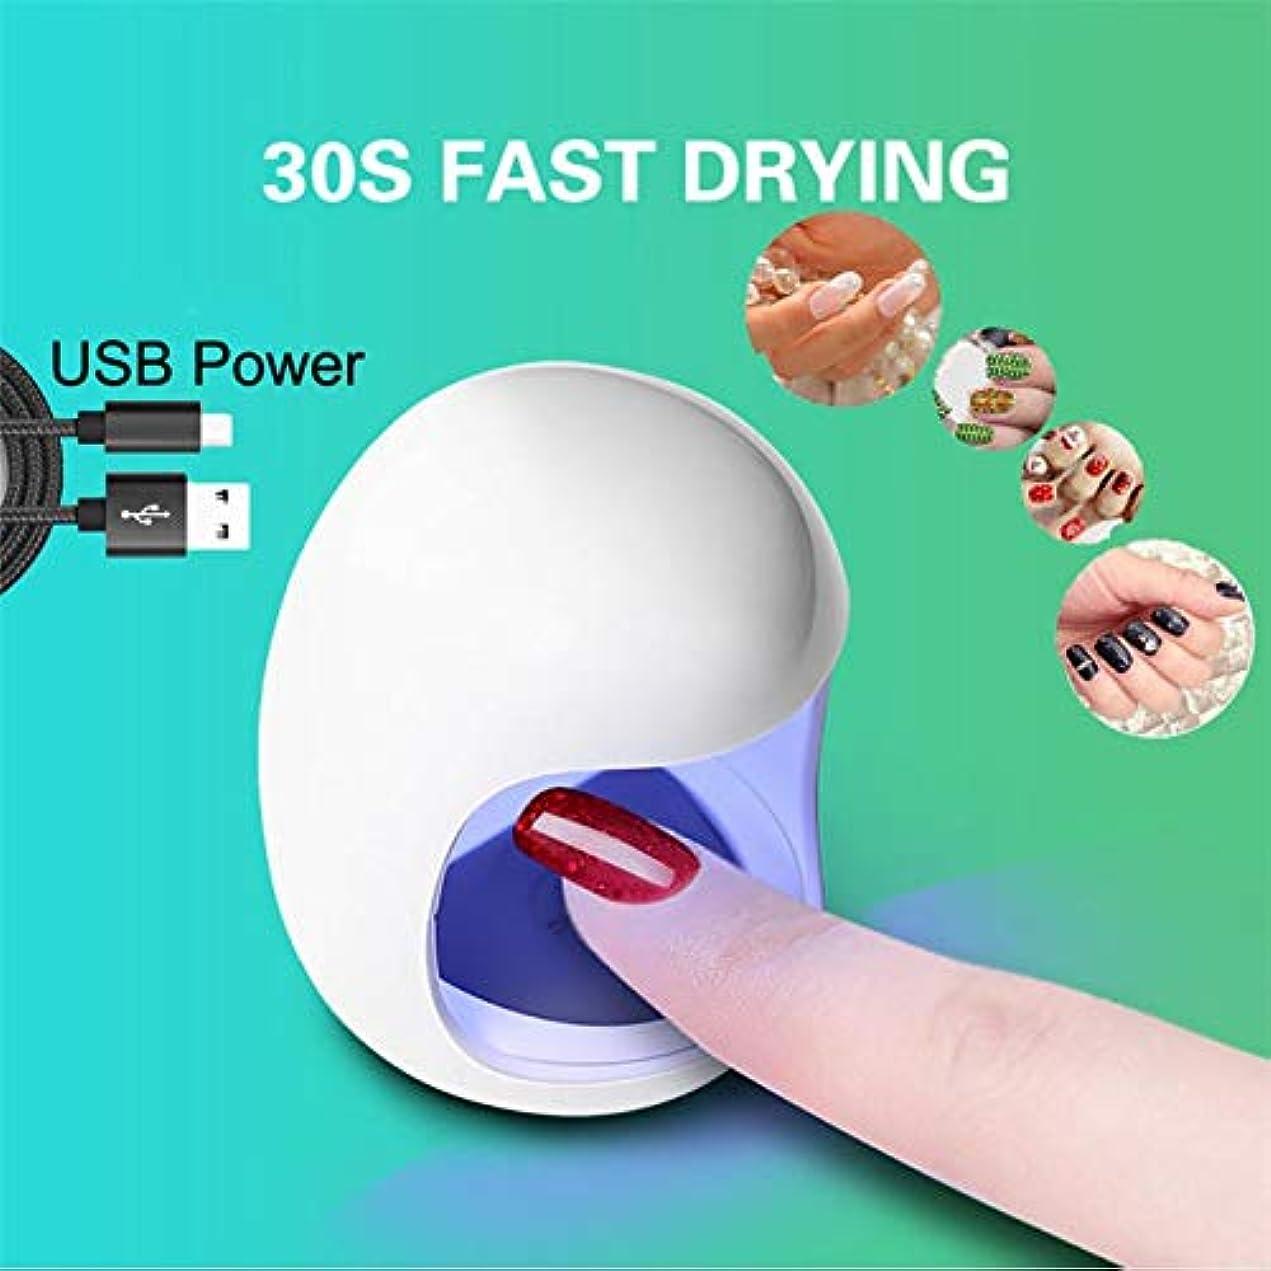 魂少しバイオリニスト58 × 45 × 45 ミリメートル 3 ワットホワイトミニ Usb UV ネイルジェル硬化ランプライトネイルジェルポリッシュ乾燥機ネイルアート機 PC & ABS Led UV ランプ lampa